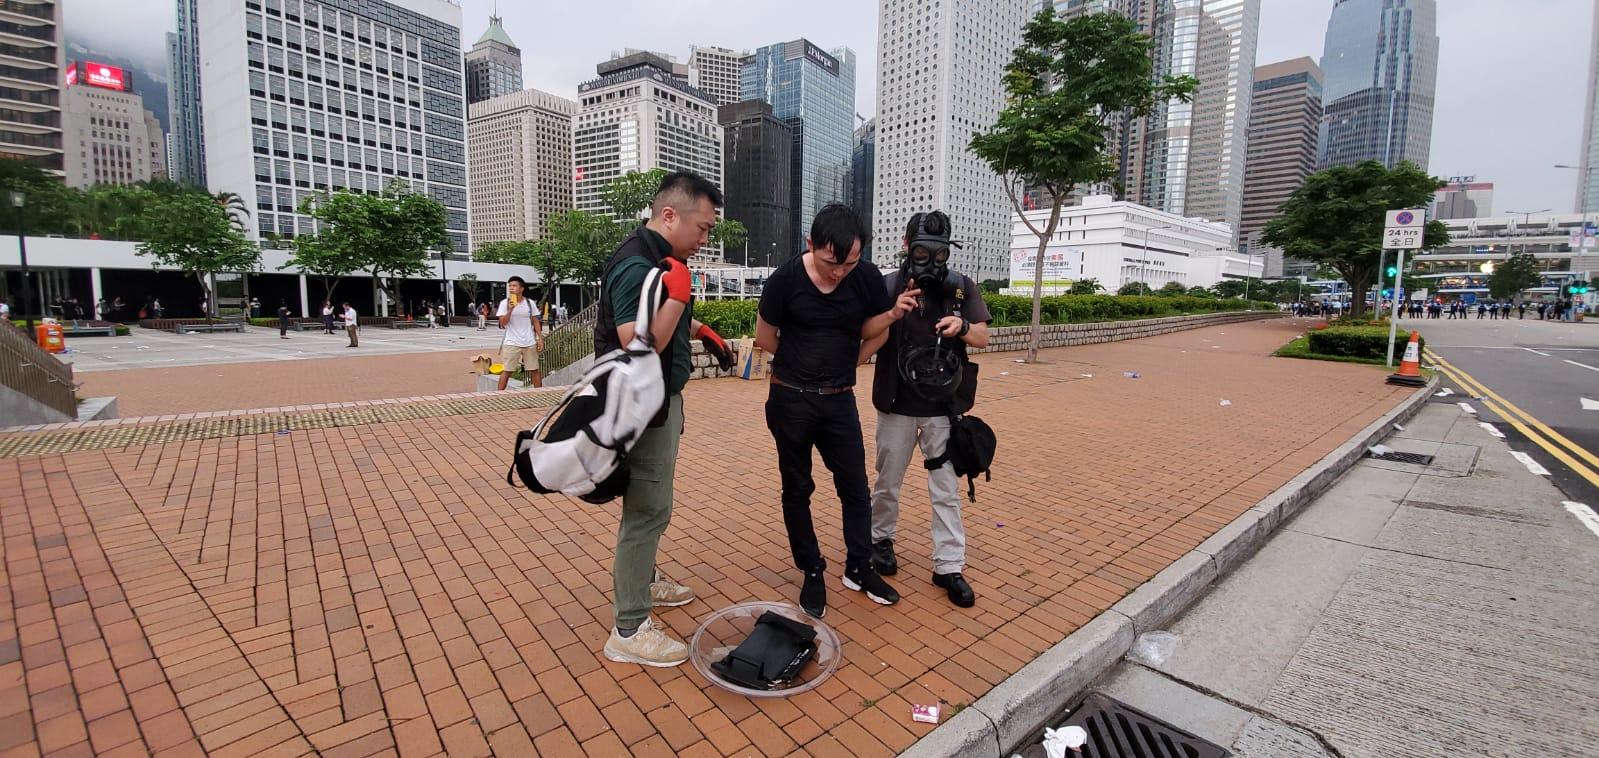 中環大會堂附近警方最少拘捕1人